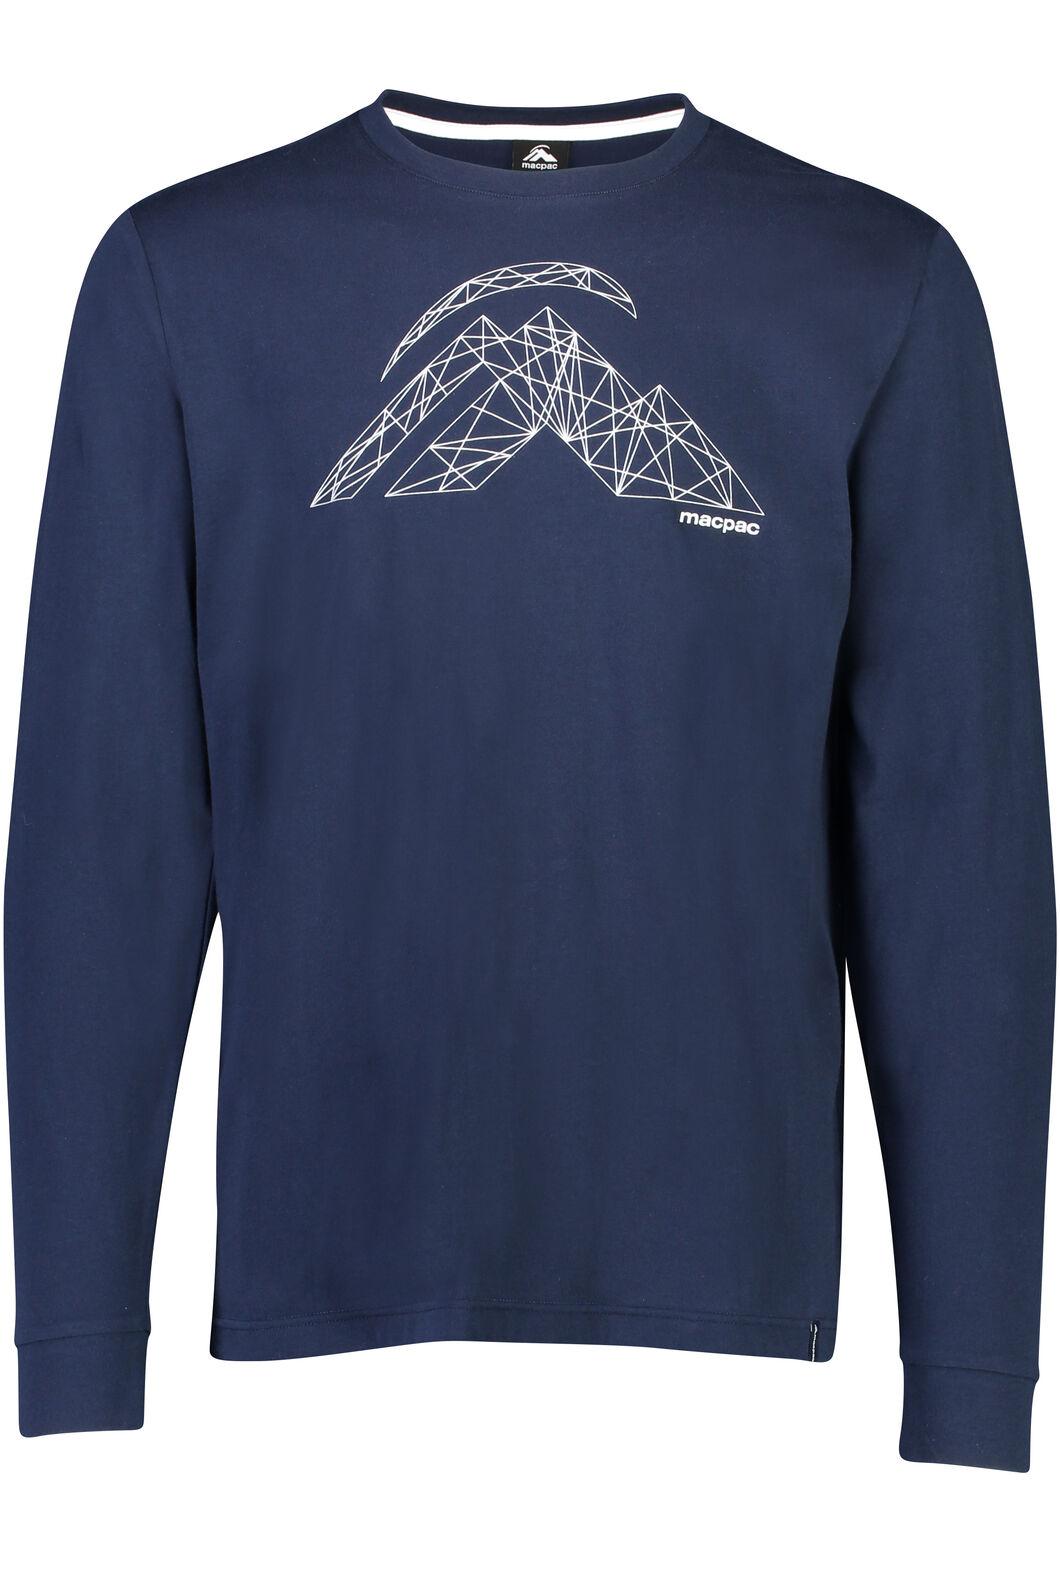 String Logo Long Sleeve Tee - Men's, Black Iris, hi-res